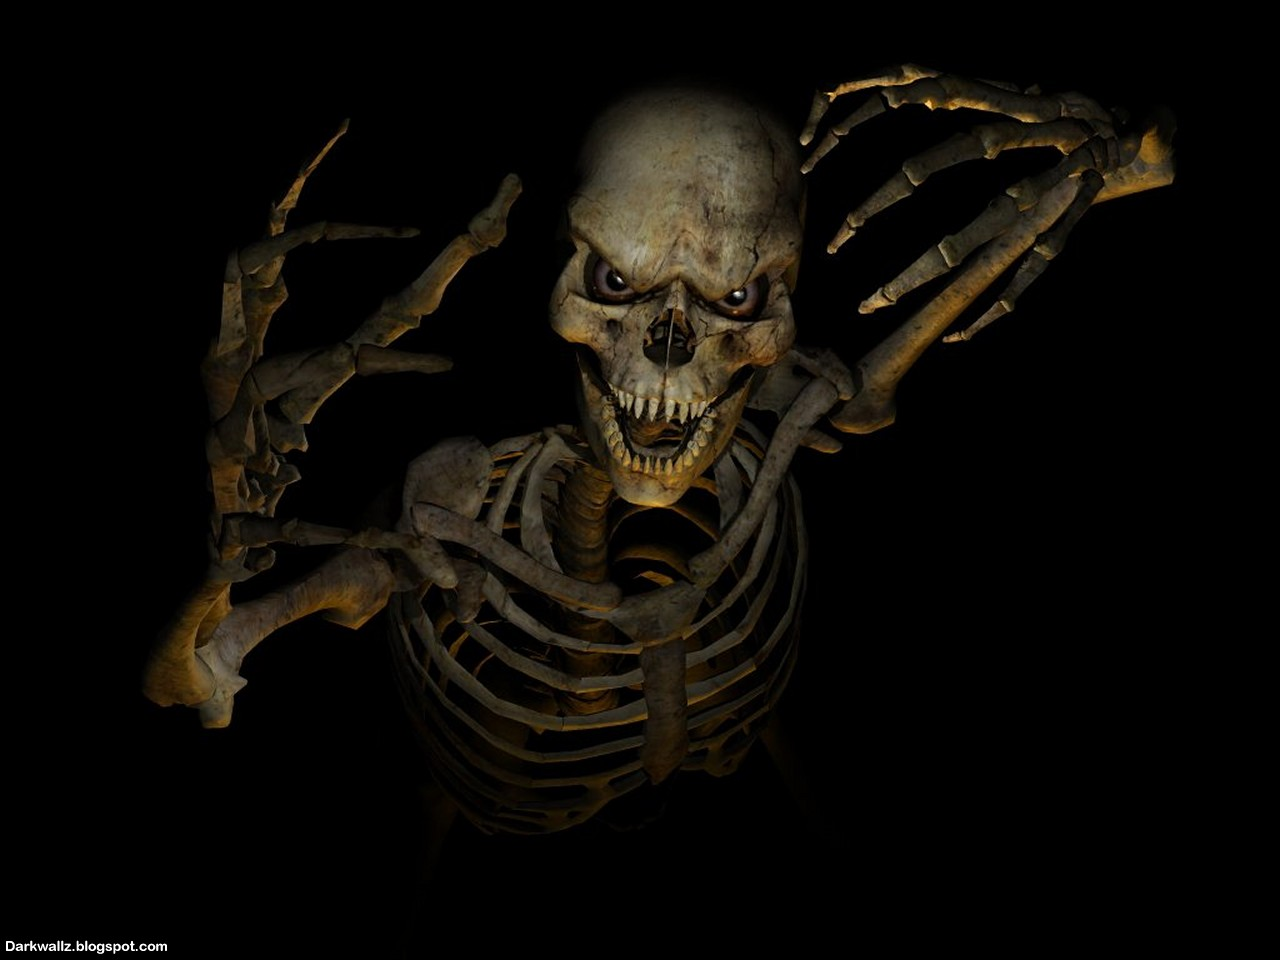 Skulls Wallpapers dark skull wallpaper HD Desktop wallpaper images 1280x960